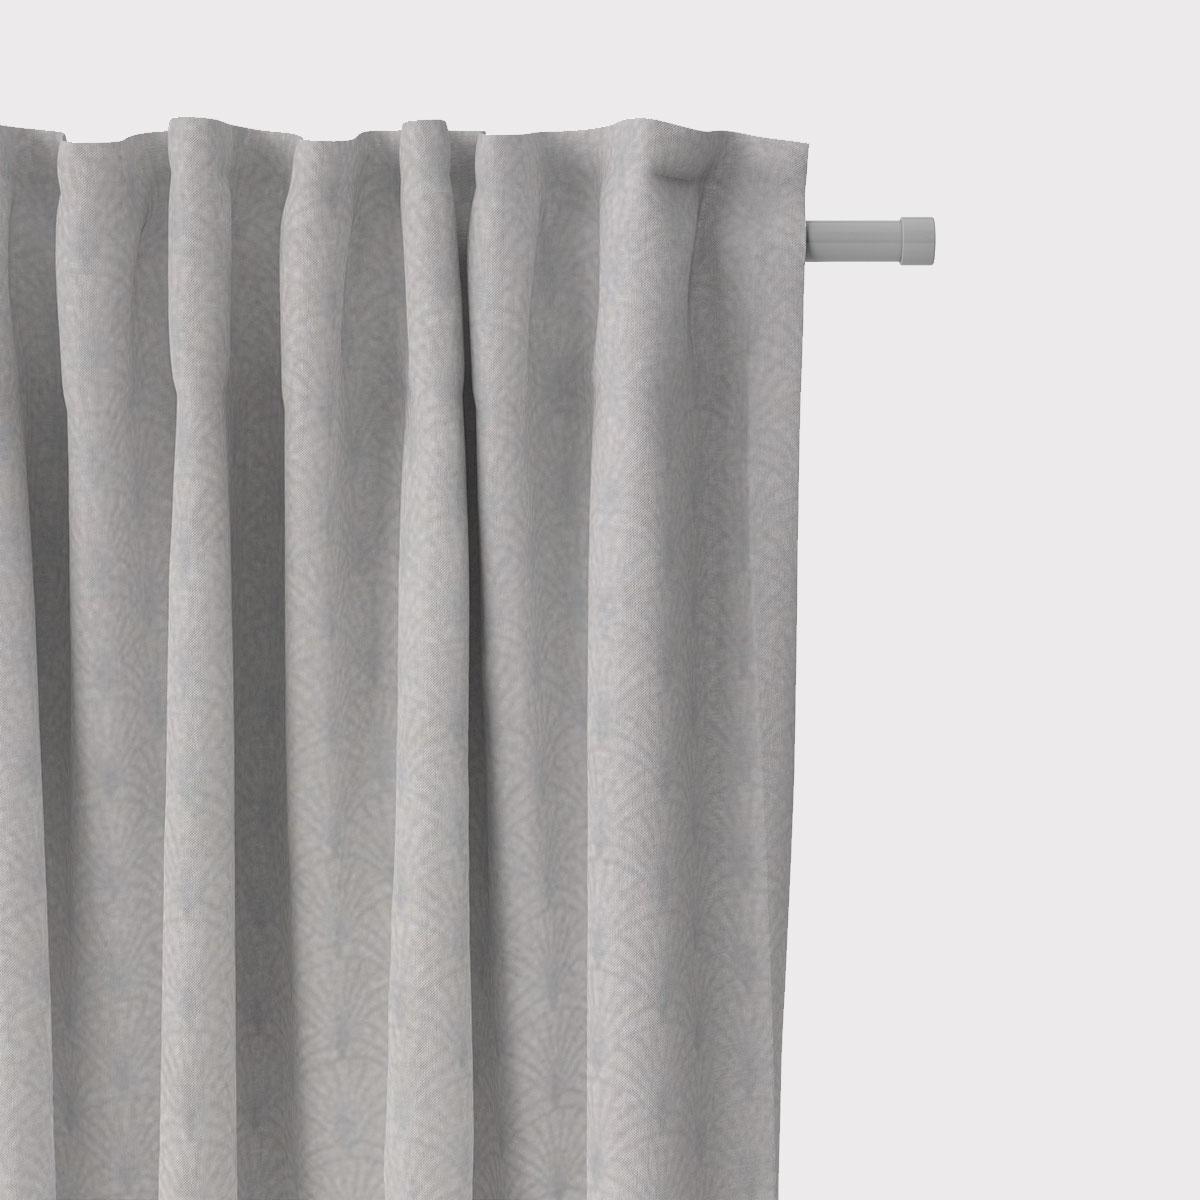 SCHÖNER LEBEN. Vorhang Glamour Schuppen Fächer hellgrau silberfarbig 245cm oder Wunschlänge